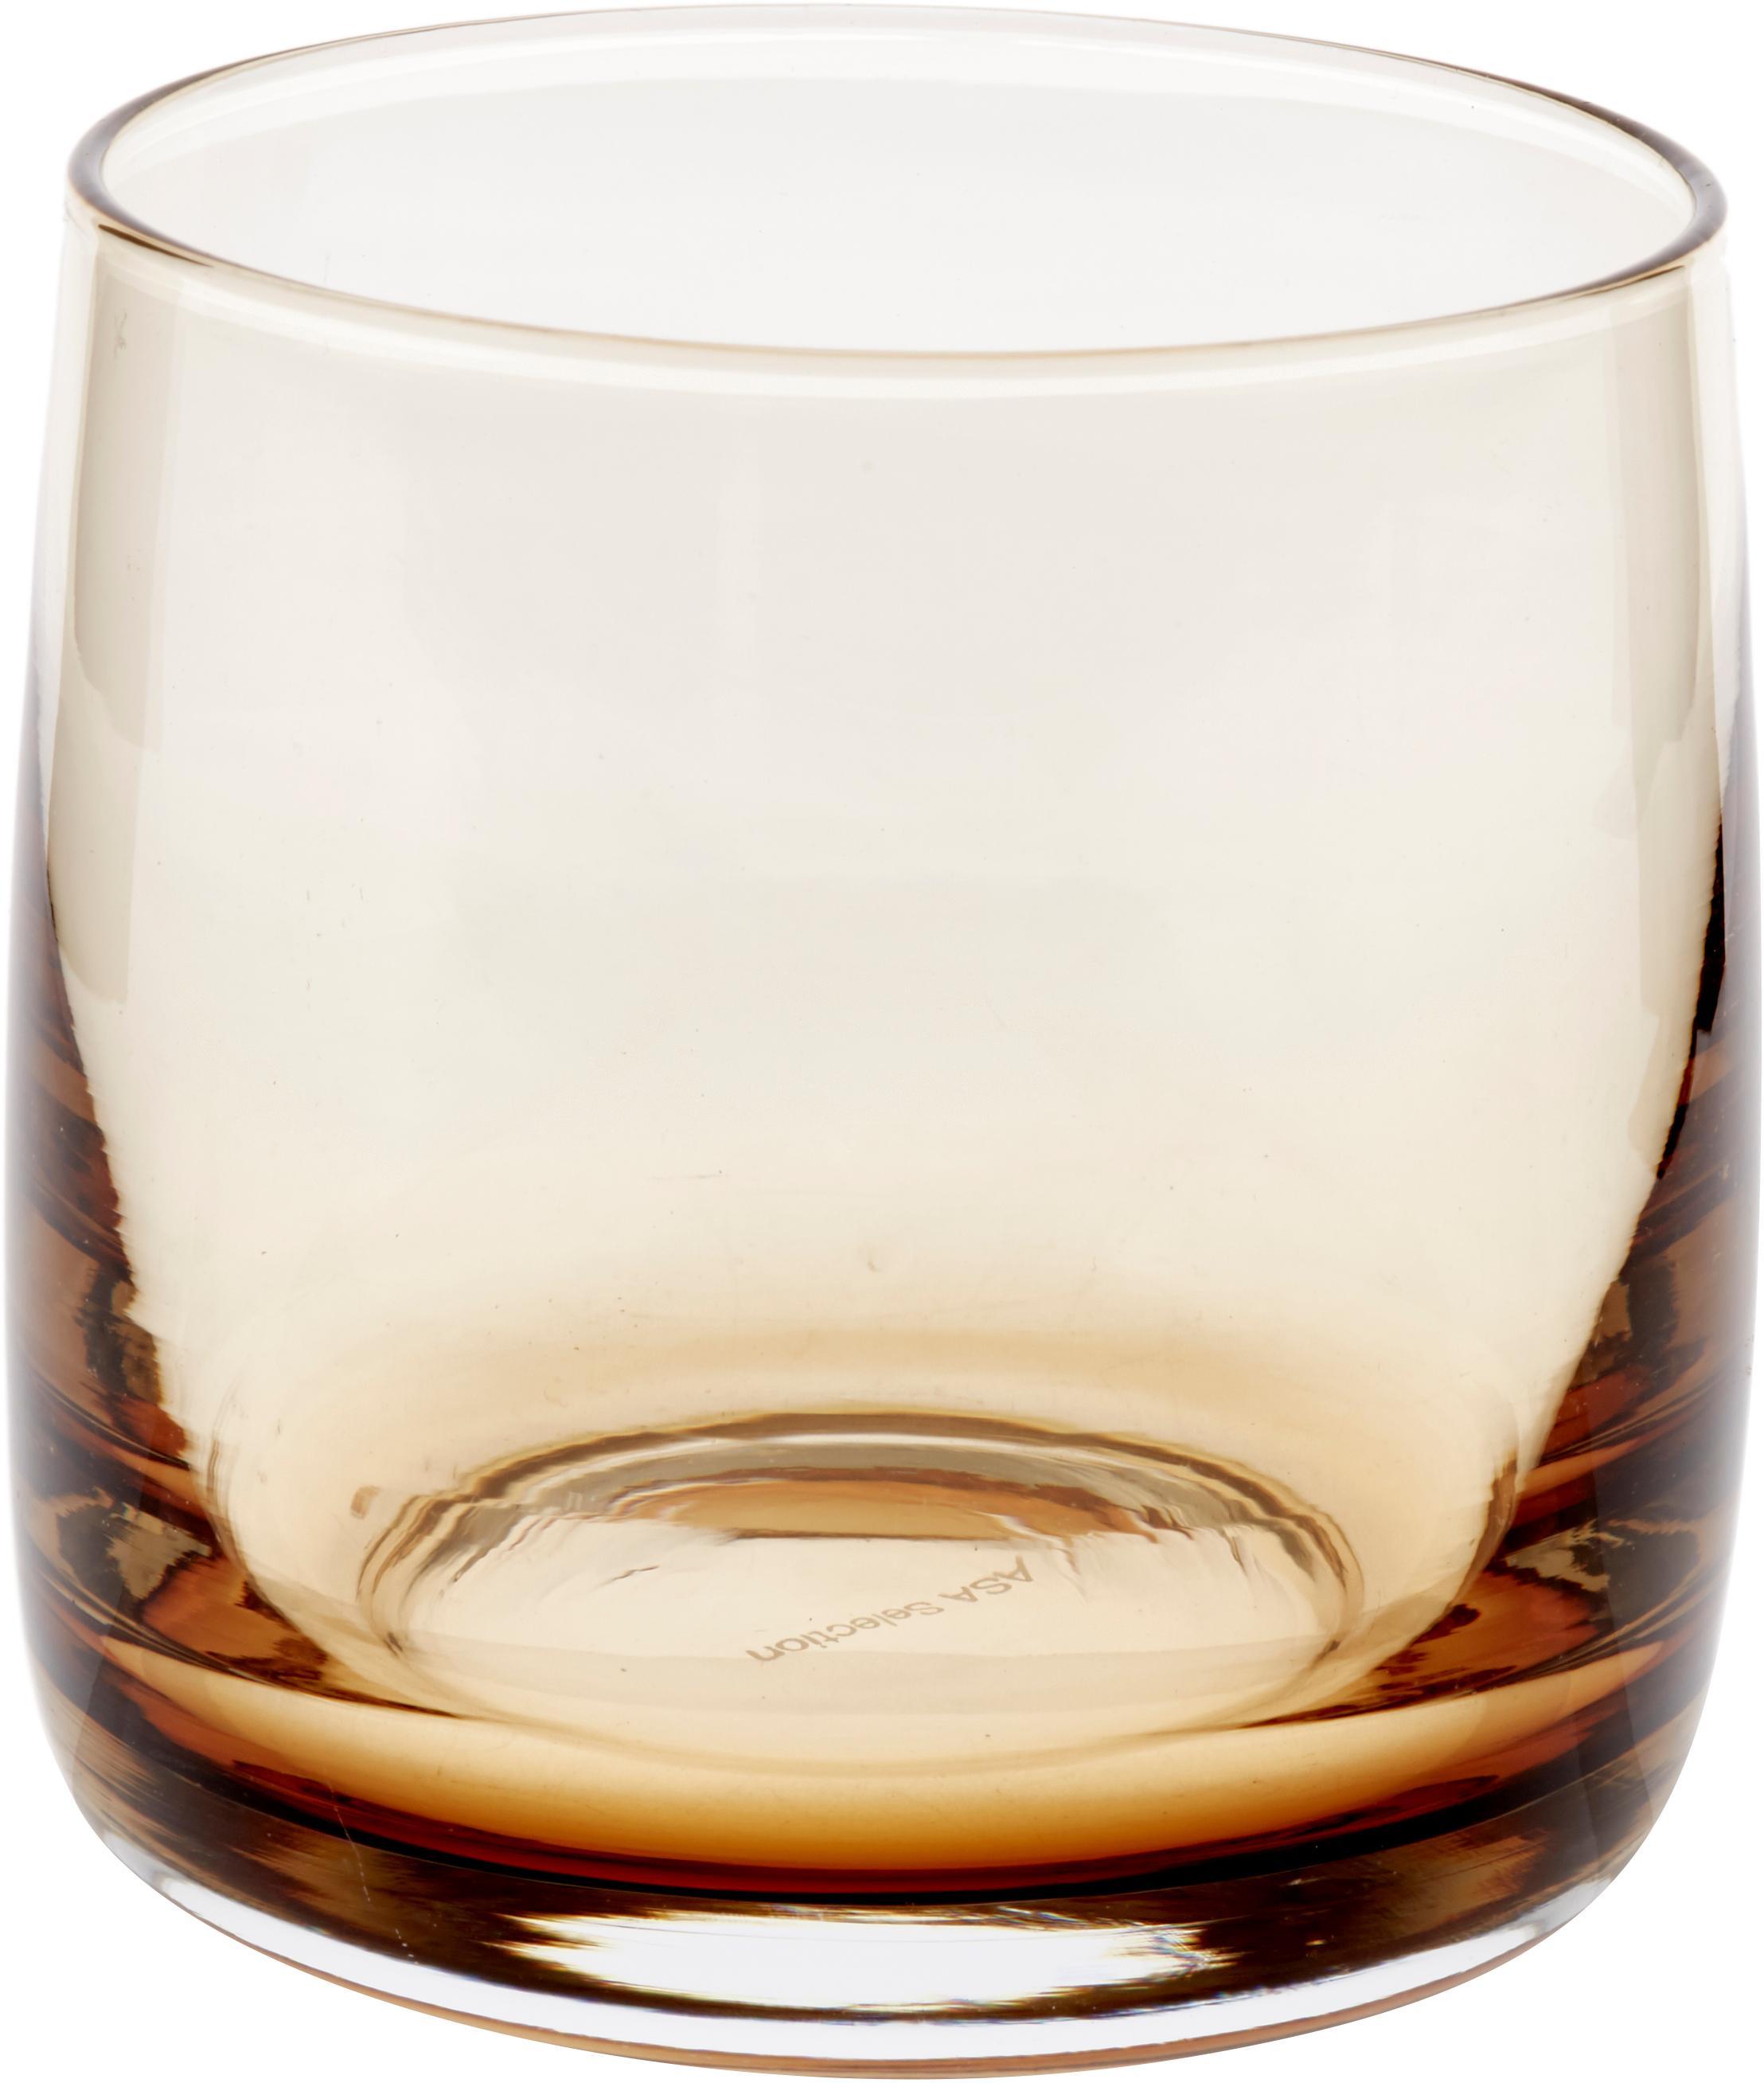 Handgefertigte Wassergläser Colored in Bernsteinfarben/Transparent, 6 Stück, Glas, Bernsteinfarben, transparent, Ø 8 x H 8 cm